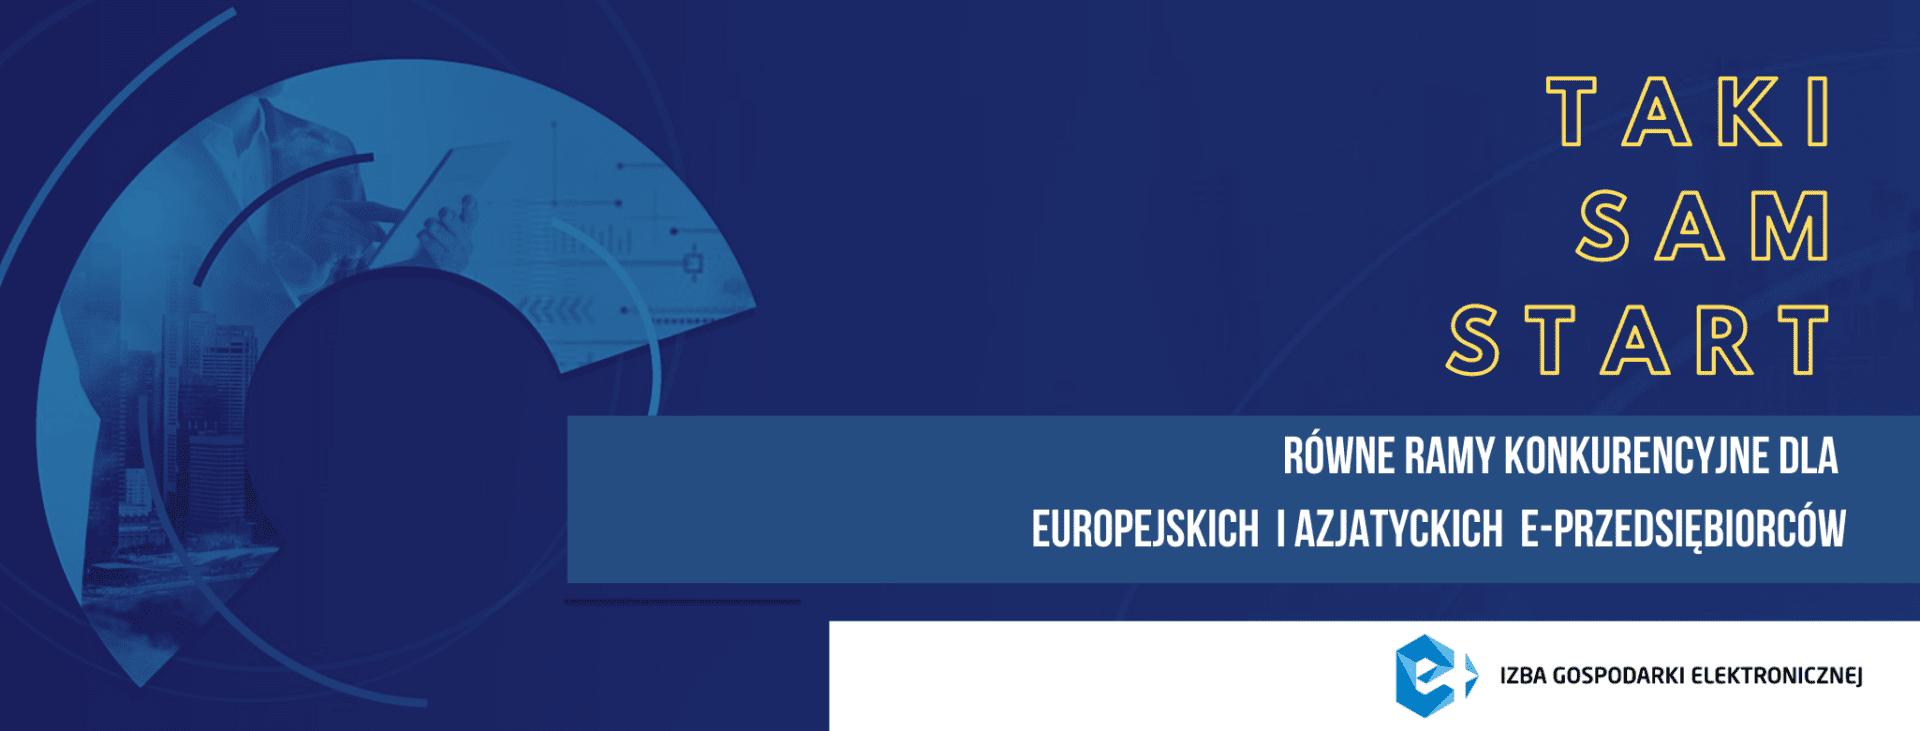 Taki sam start – rusza kampania na rzecz równych ram konkurencyjnych dla europejskich i azjatyckich e-przedsiębiorców